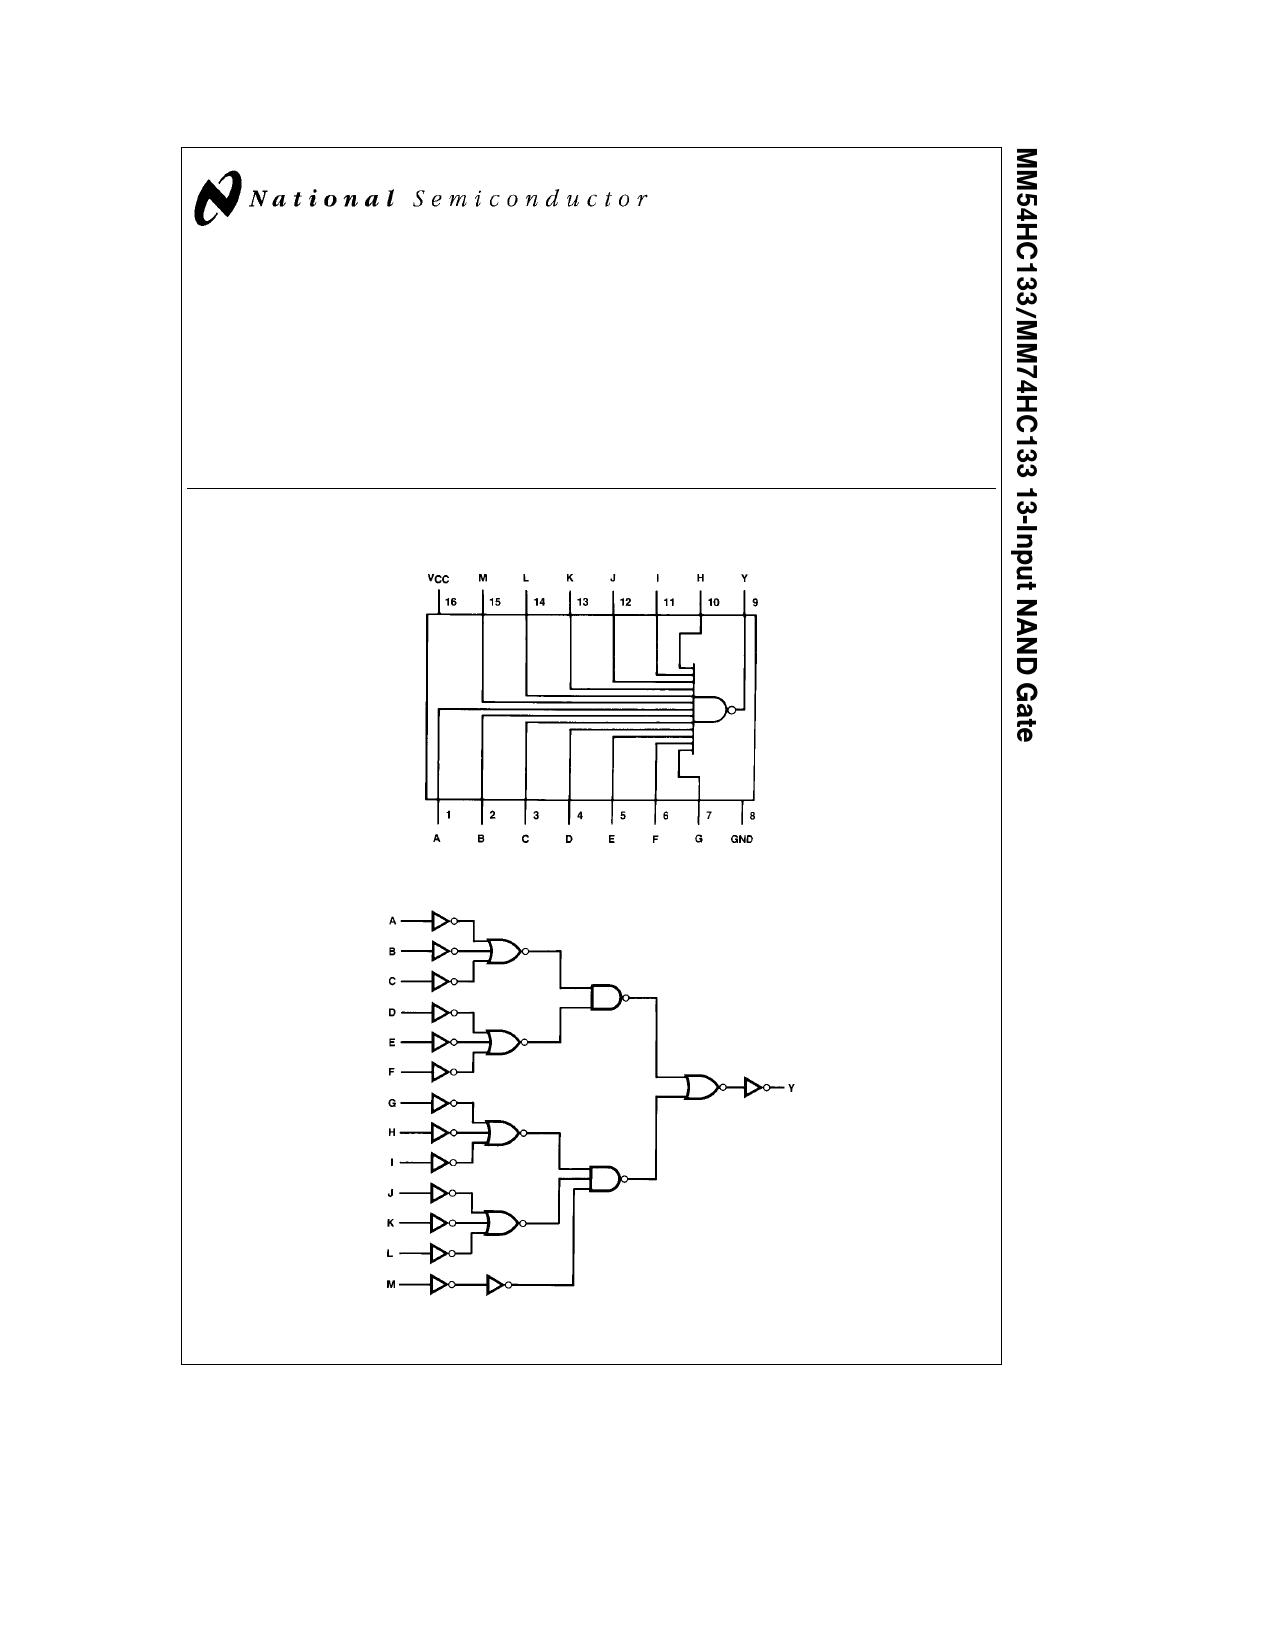 MM54HC133 데이터시트 및 MM54HC133 PDF